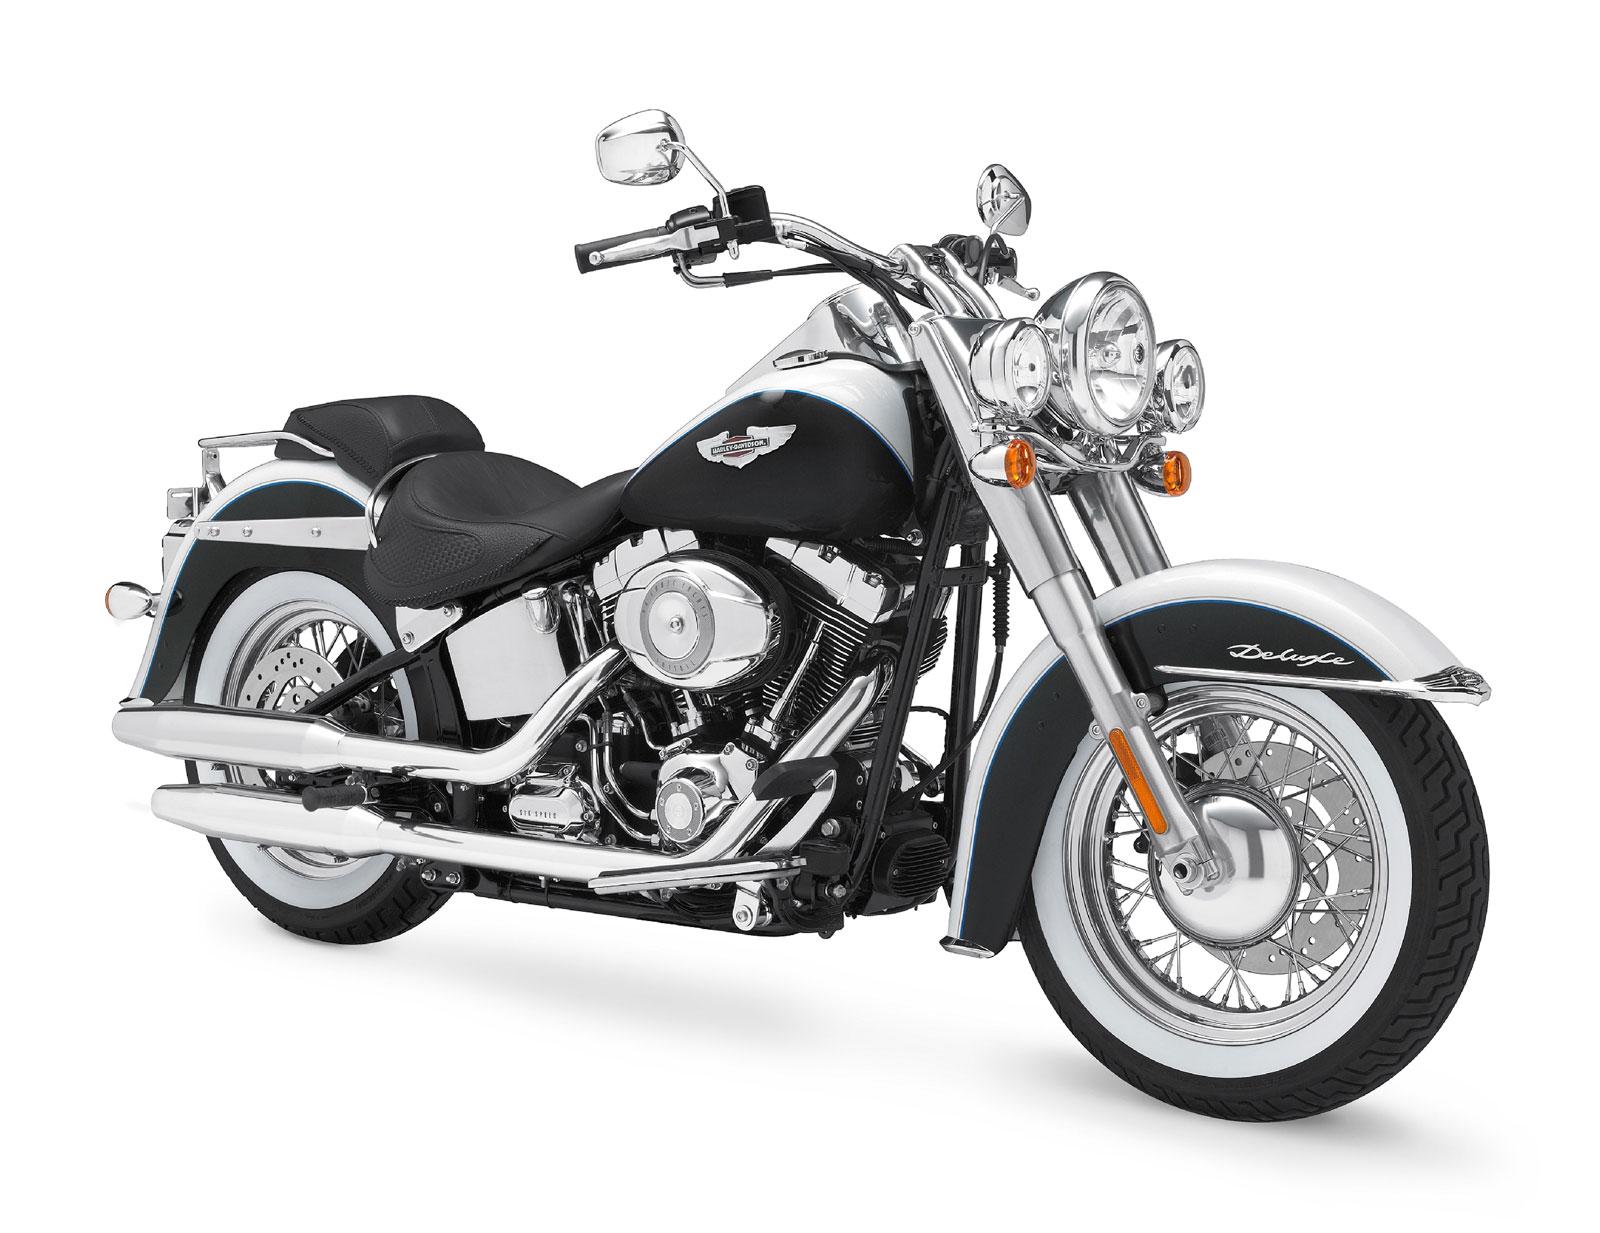 http://3.bp.blogspot.com/-rAKwFygY9mQ/T9IjJFWxvjI/AAAAAAAALGU/GlzhWYCtTic/s1600/2009-Harley-Davidson-000-Softail-Deluxe-front.jpg